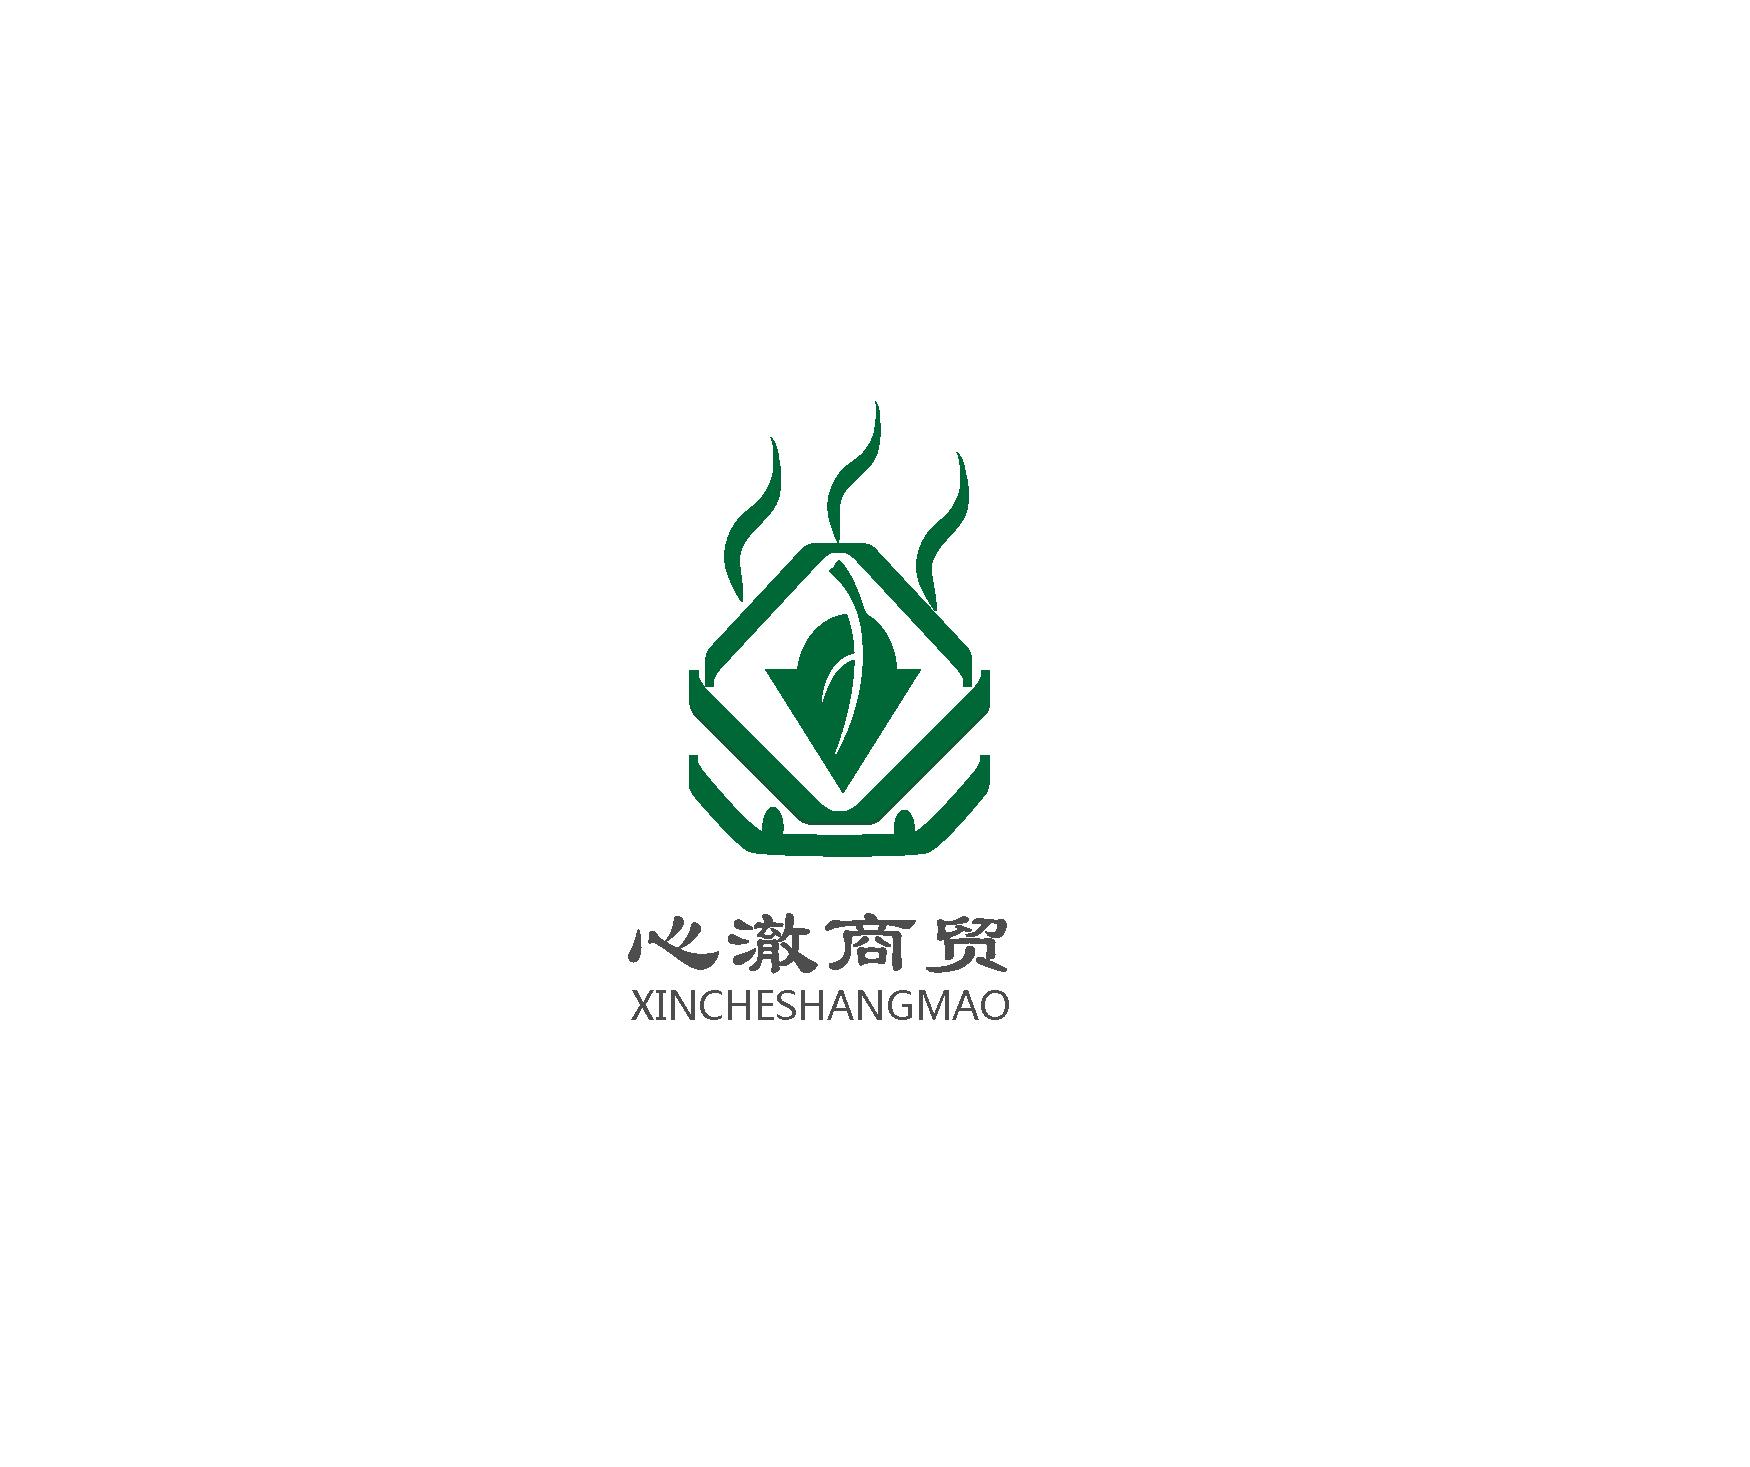 心澈商贸公司logo设计